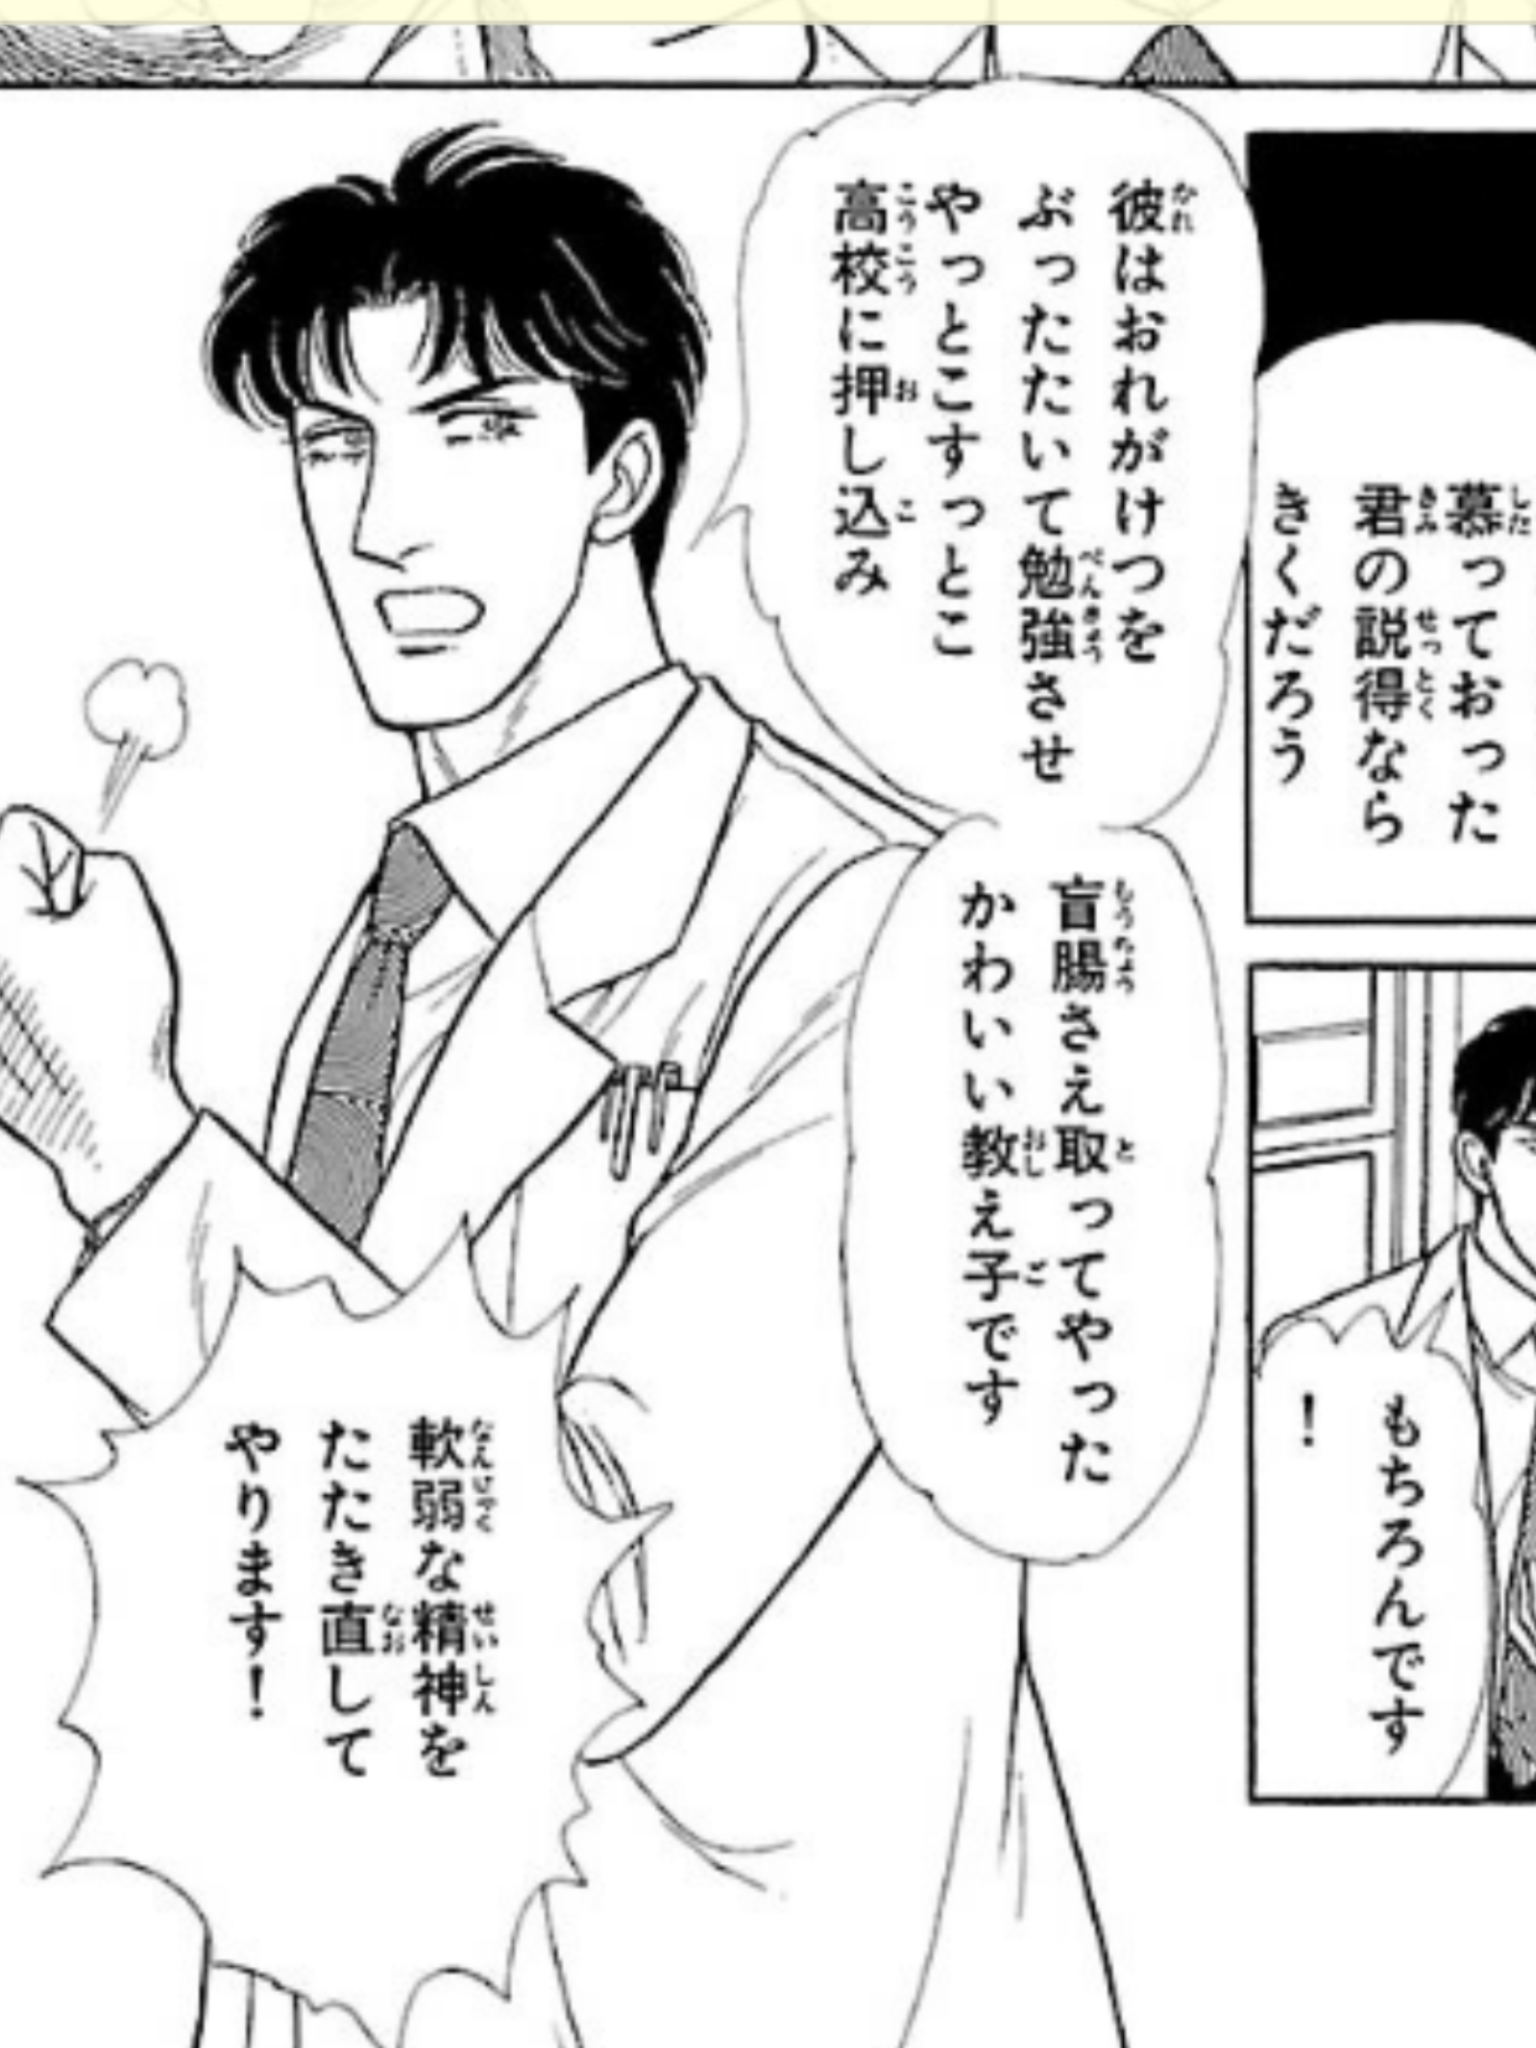 青池保子先生の漫画が好きな人